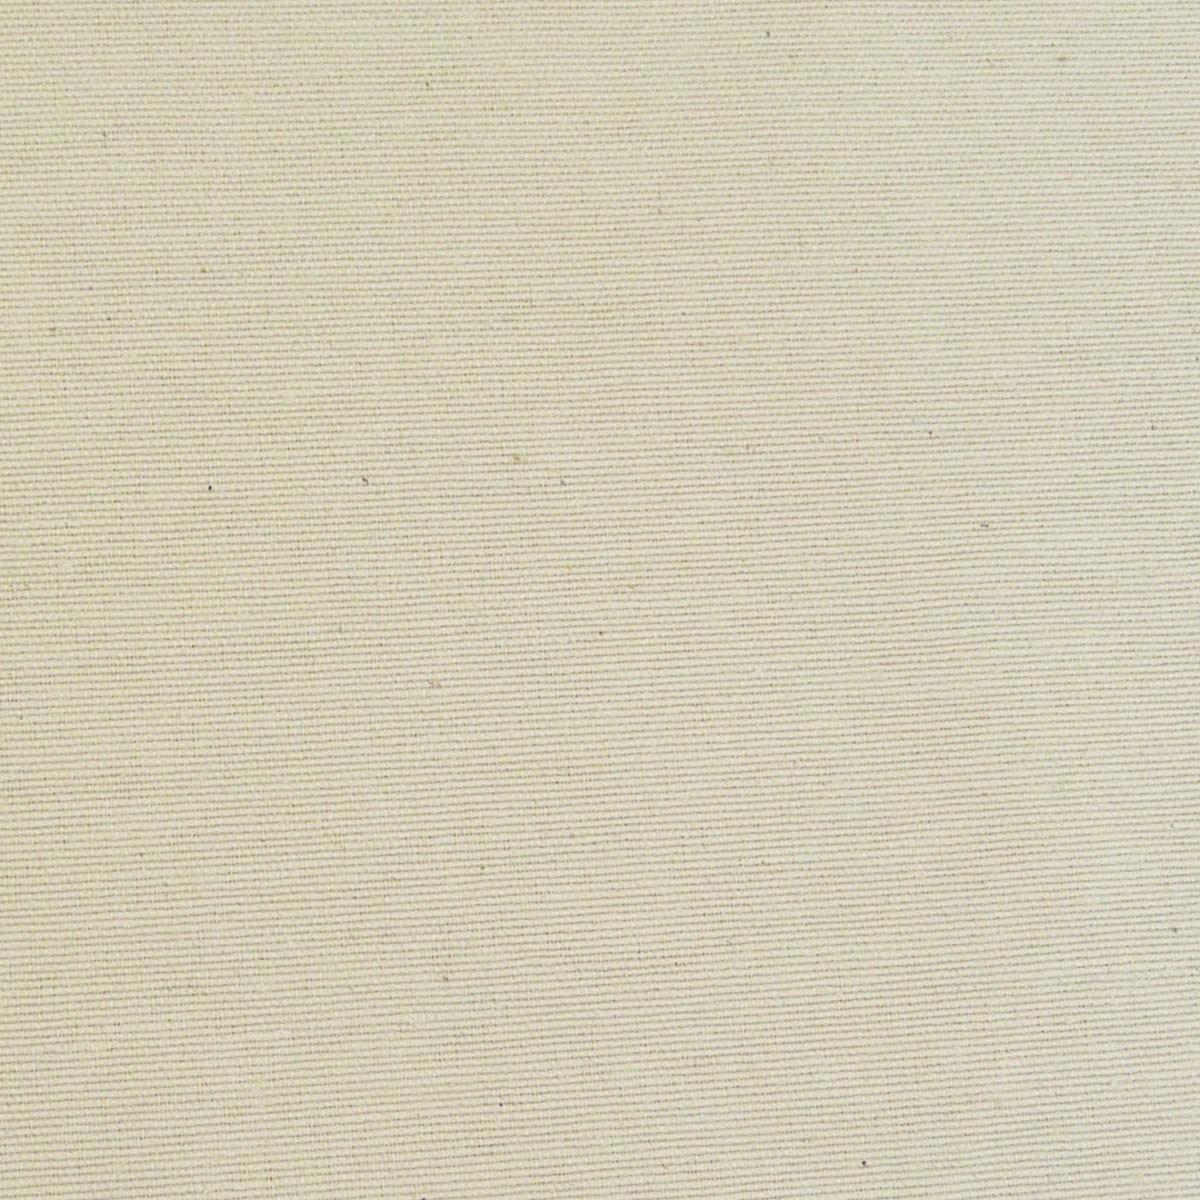 Baumwollstoff stoff dekostoff uni beige natur alle stoffe for Ecksofa stoff beige